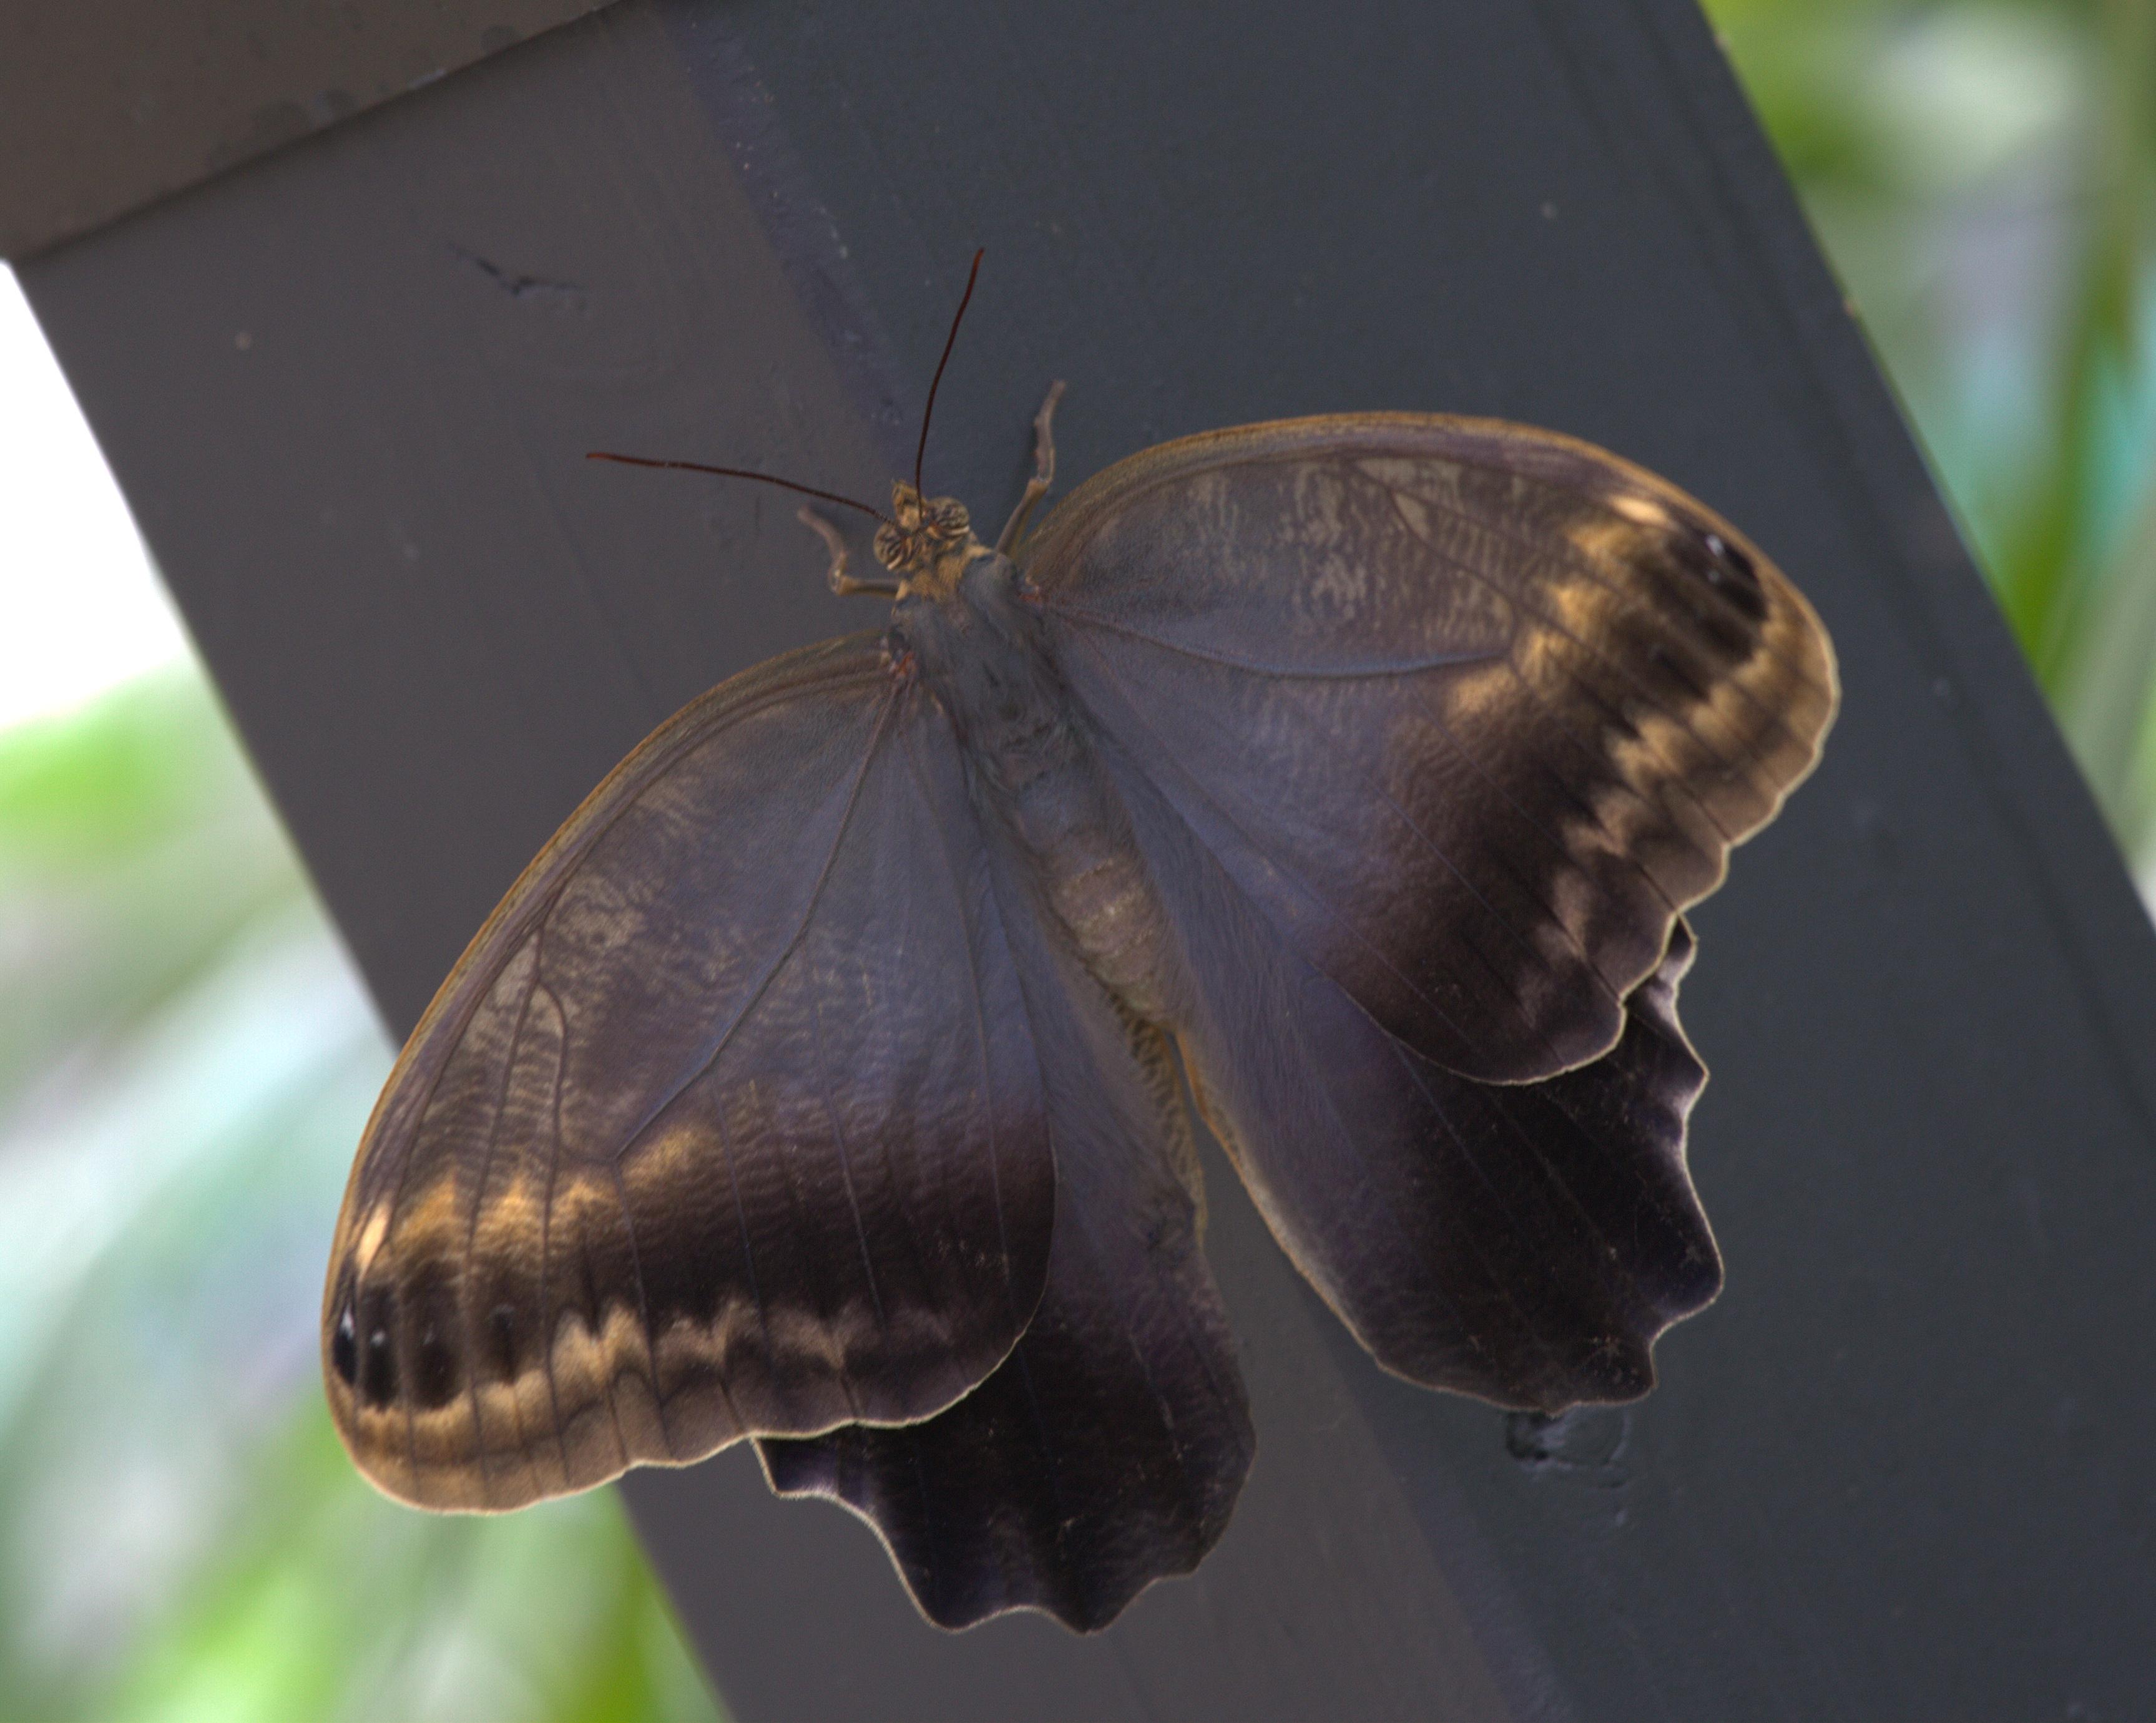 Caligo telamonius memnon - Wikipedia